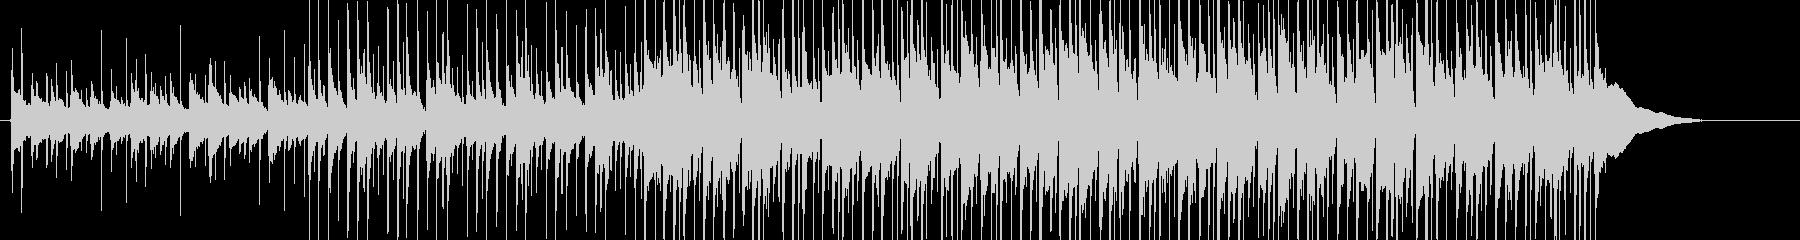 三線を用いたのんびり沖縄風ポップの未再生の波形